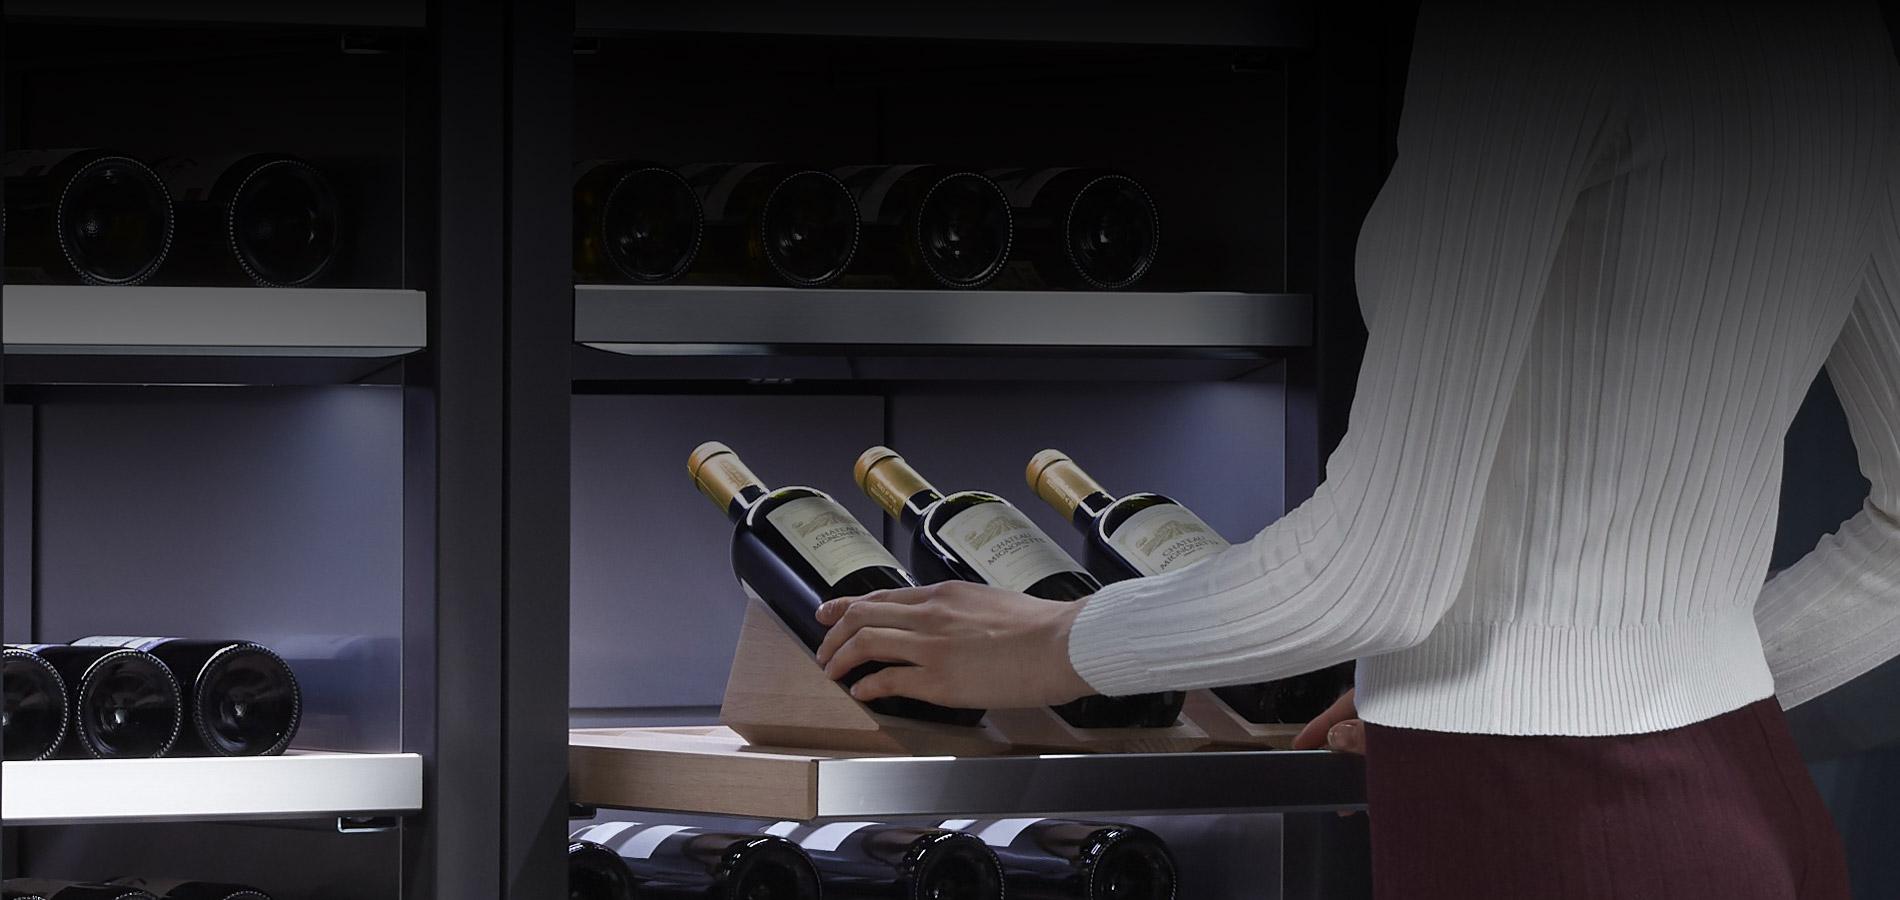 Signature Kitchen Suite: per ogni vino la sua temperatura